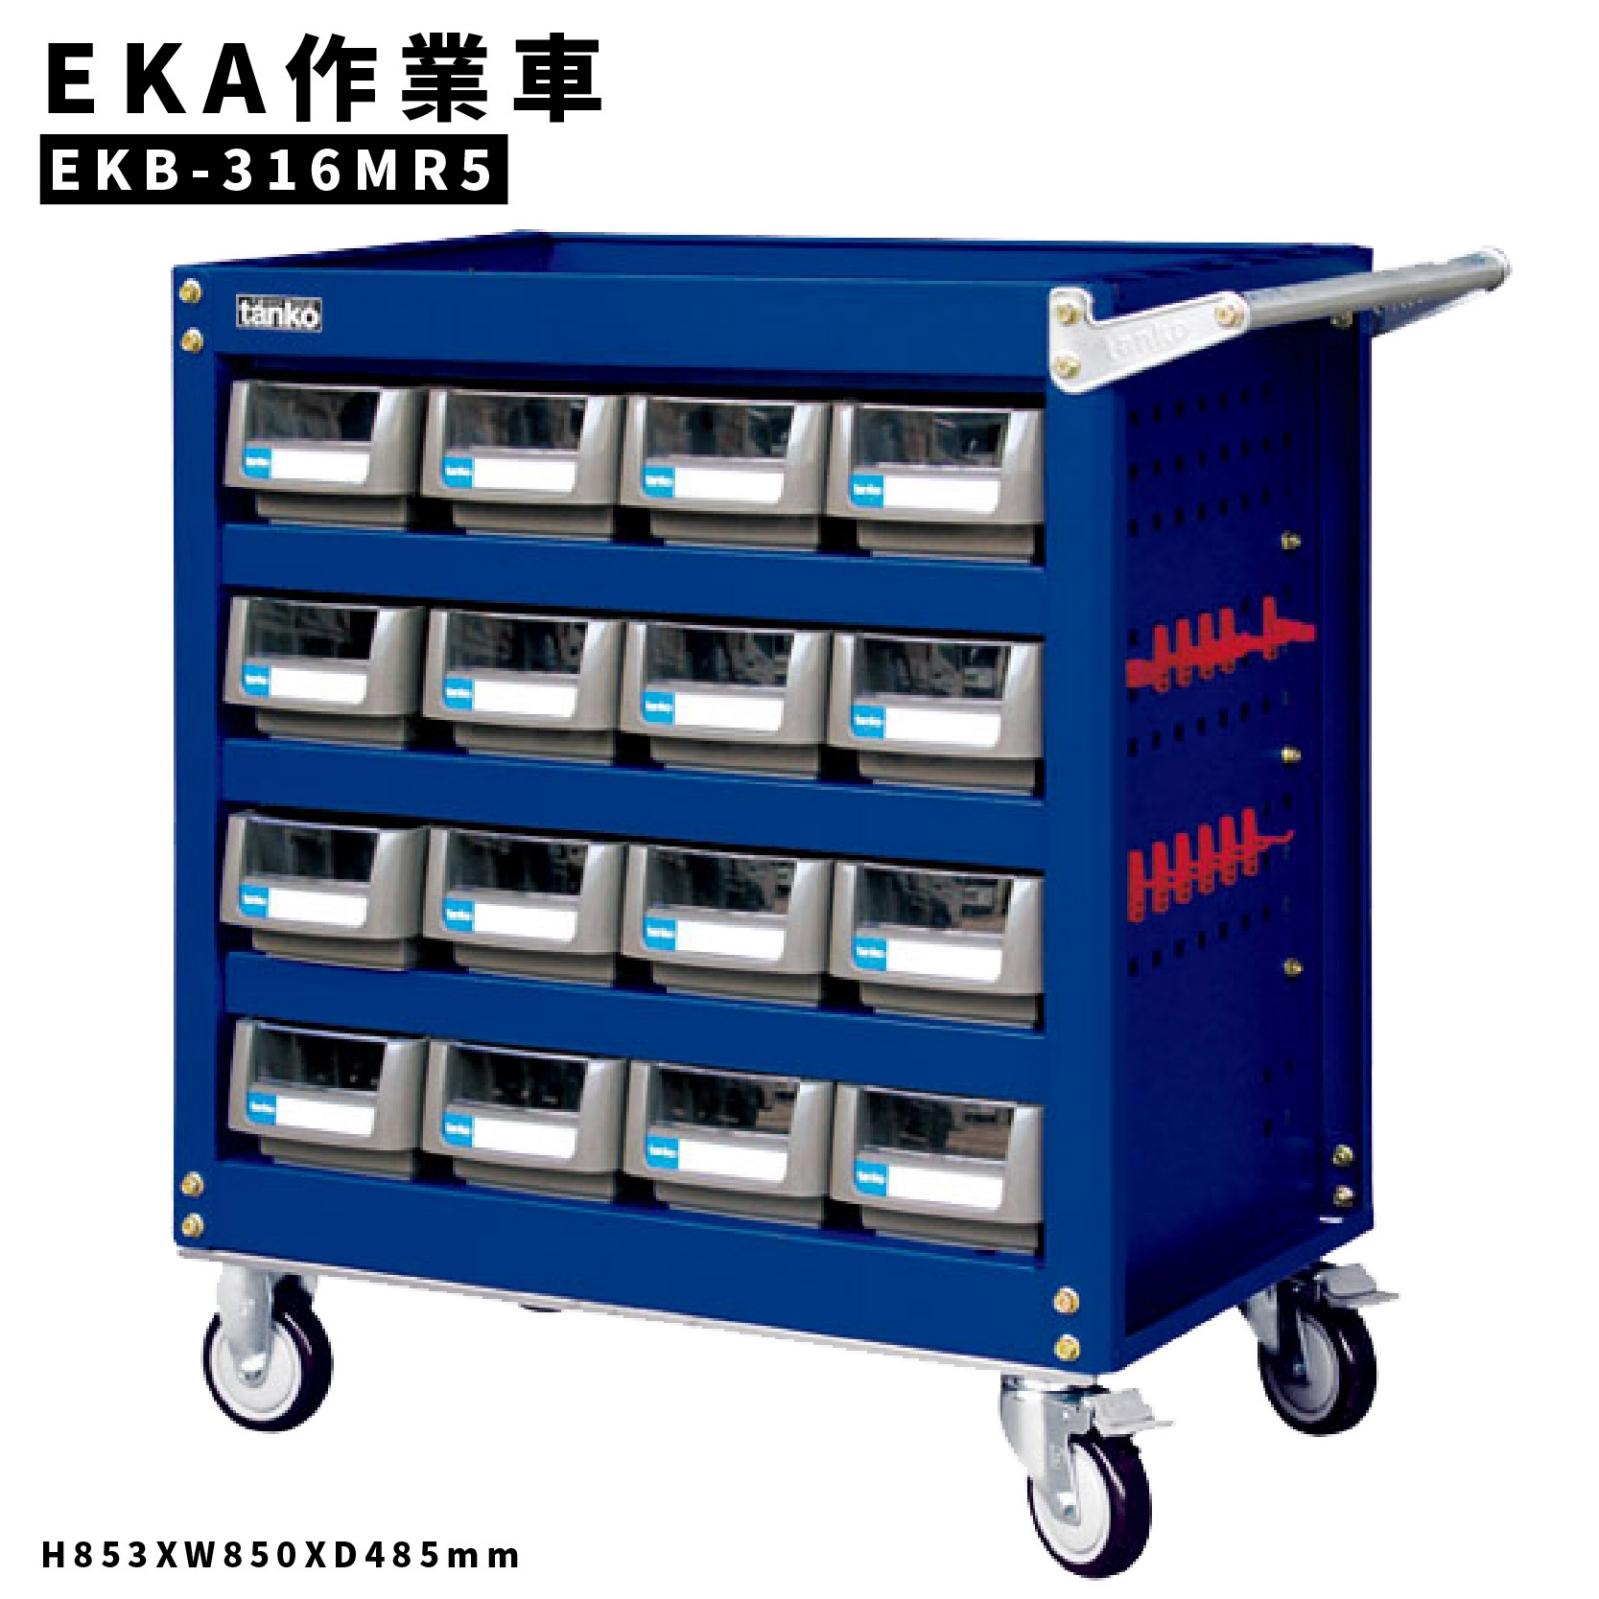 EKB-316MR5《EKB作業車》藍色 工具車 手推車 保養廠 工廠 車廠 汽車維修廠 含掛鉤一組(12pcs)